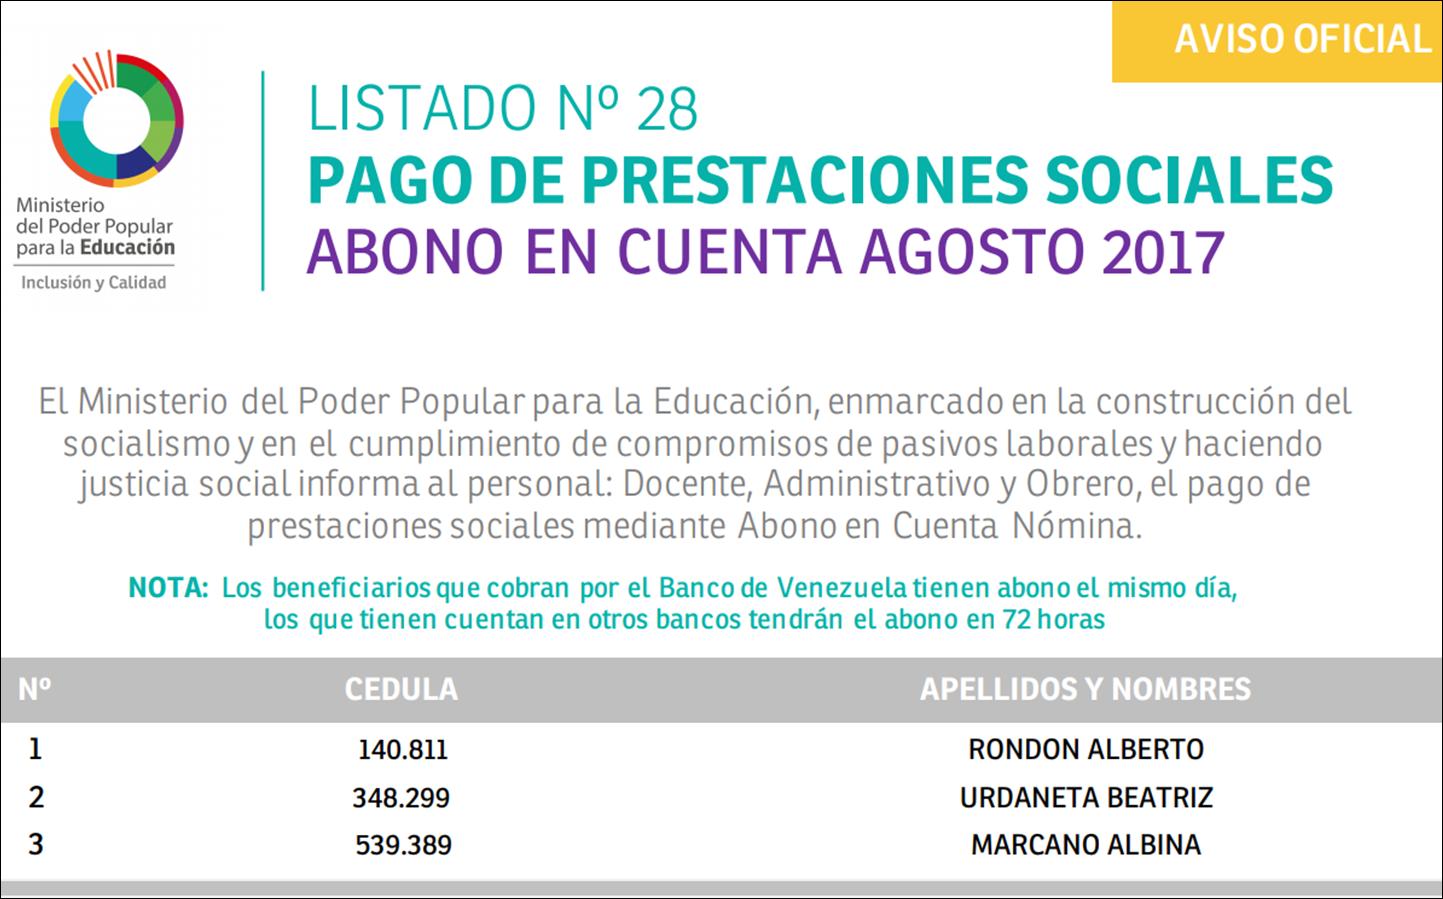 LISTADO Nº 28 PAGO DE PRESTACIONES SOCIALES ABONO EN CUENTA AGOSTO 2017